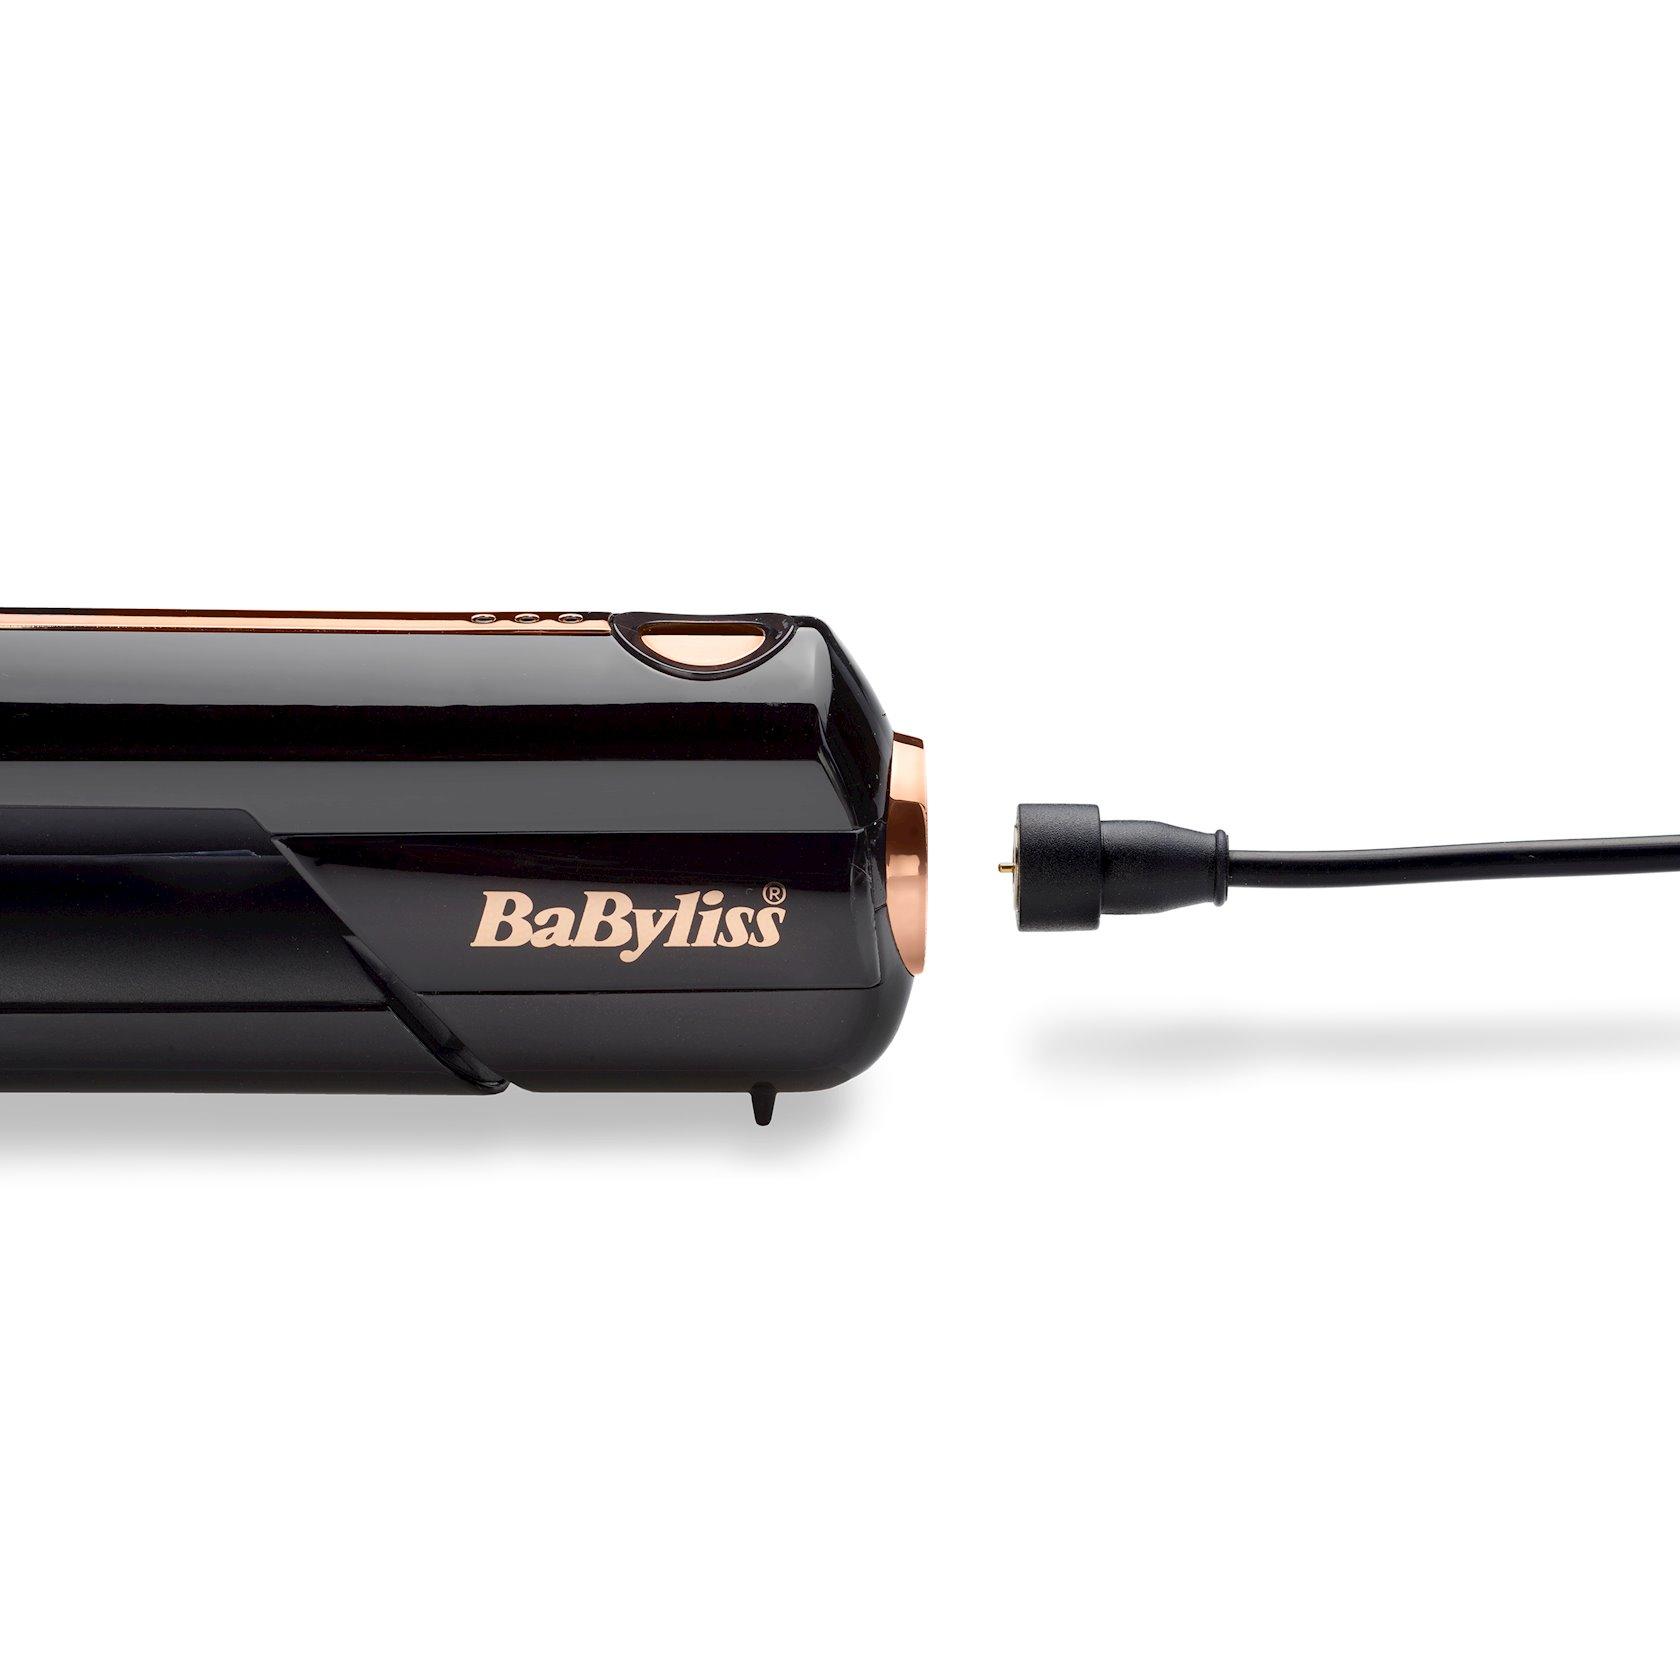 Saç düzləndiricisi BaByliss 9000